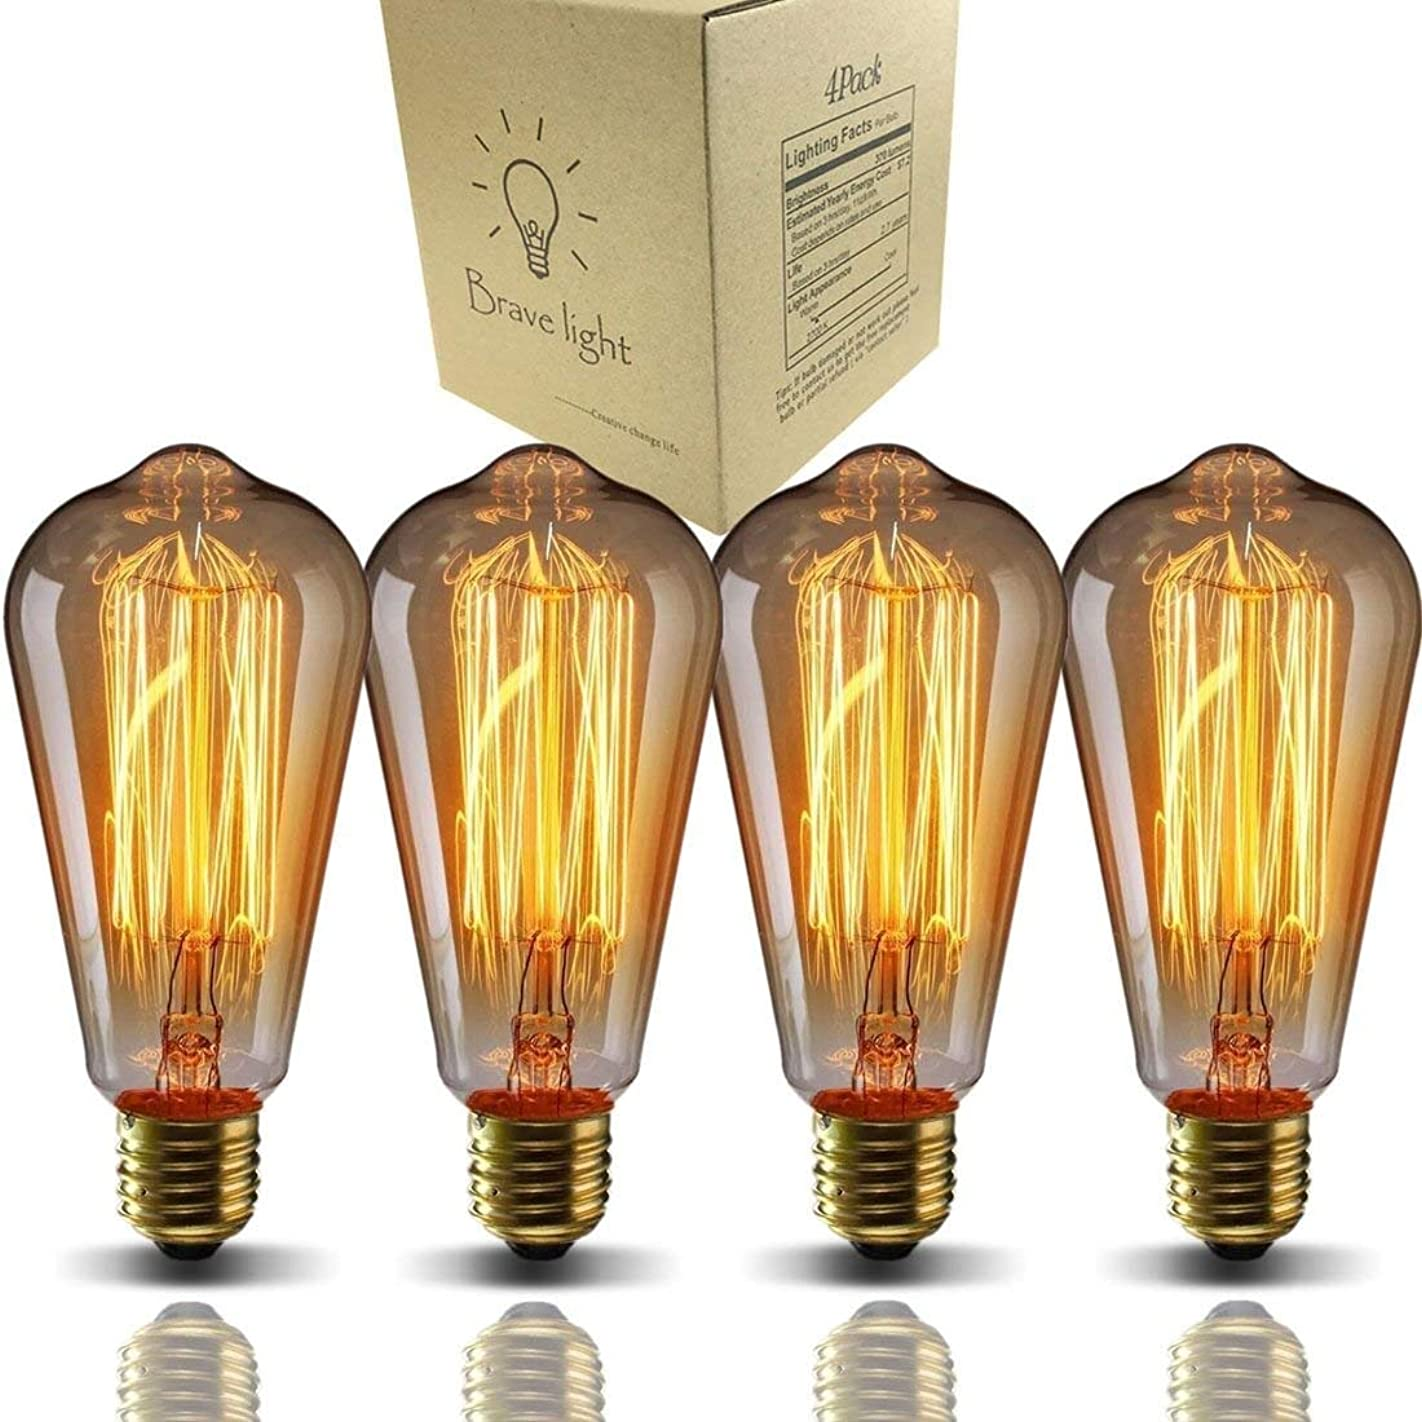 浪費指紋見通しBravelight-エジソン電球 60W E26/E27口金 ST64 4個入り ヴィンテージエジソンランプ タングステンフィラメント電球(クリア) アンティーク風 調光器対応 ホーム照明装飾用器具 サブ照明 電球付け替え …